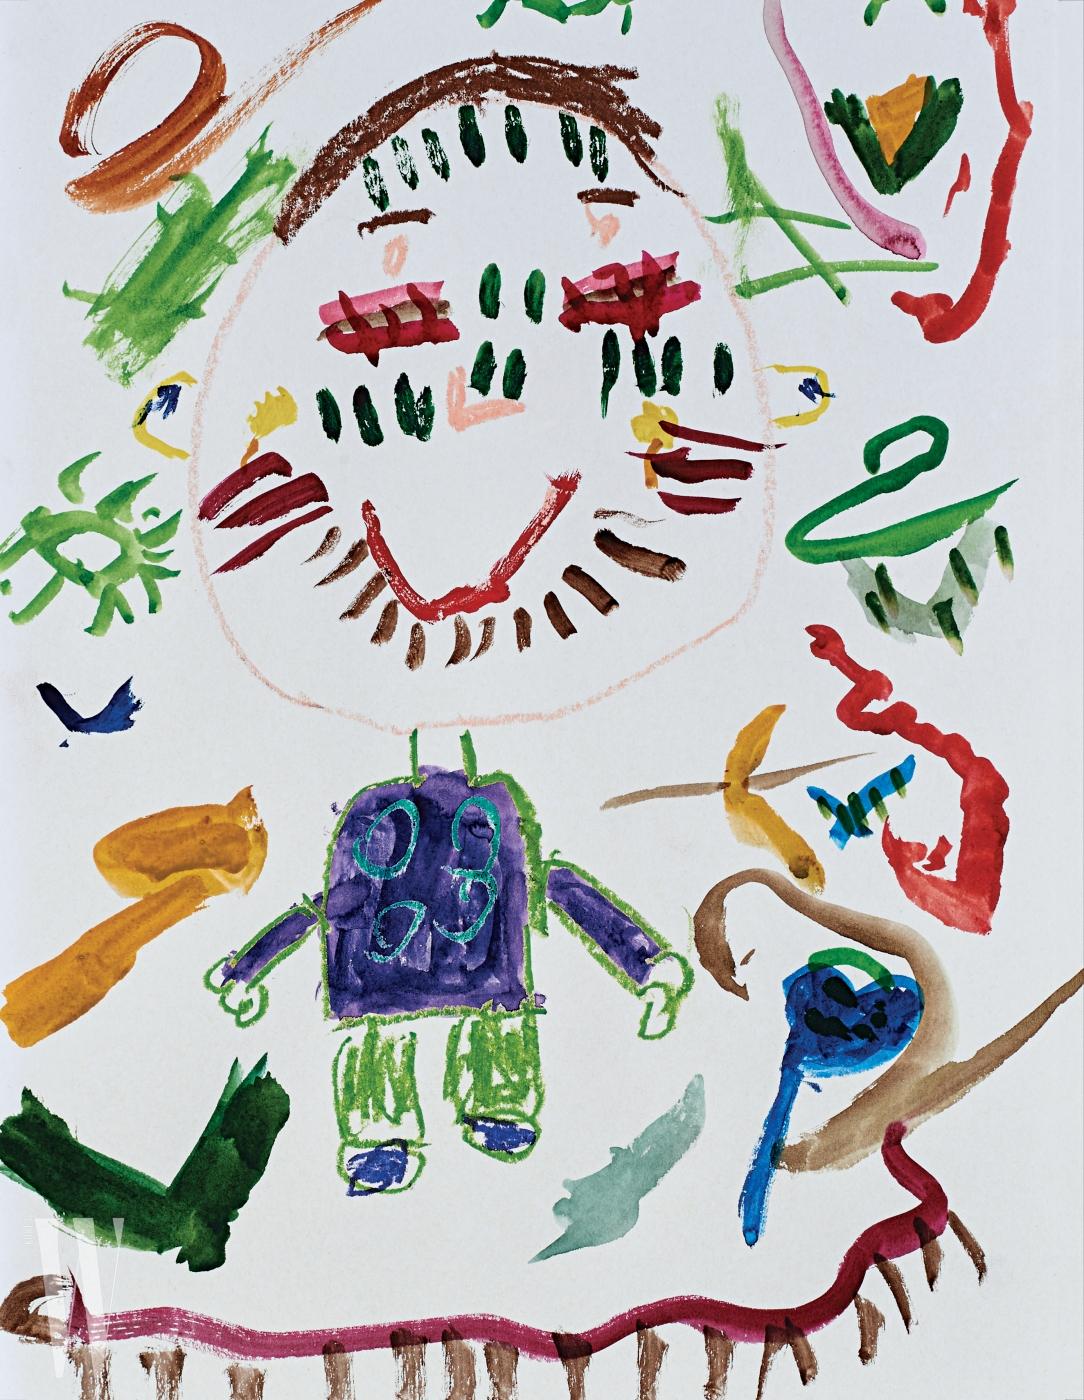 배우 이범수와 이윤진의 아들 이다을(4세) 군이 그린 그림. 그림 속 알록달록한 색깔과 도화지를 가득 채운 추상적인 도형에서 연관성을 찾아 화보 속 스카프를 선택했다.